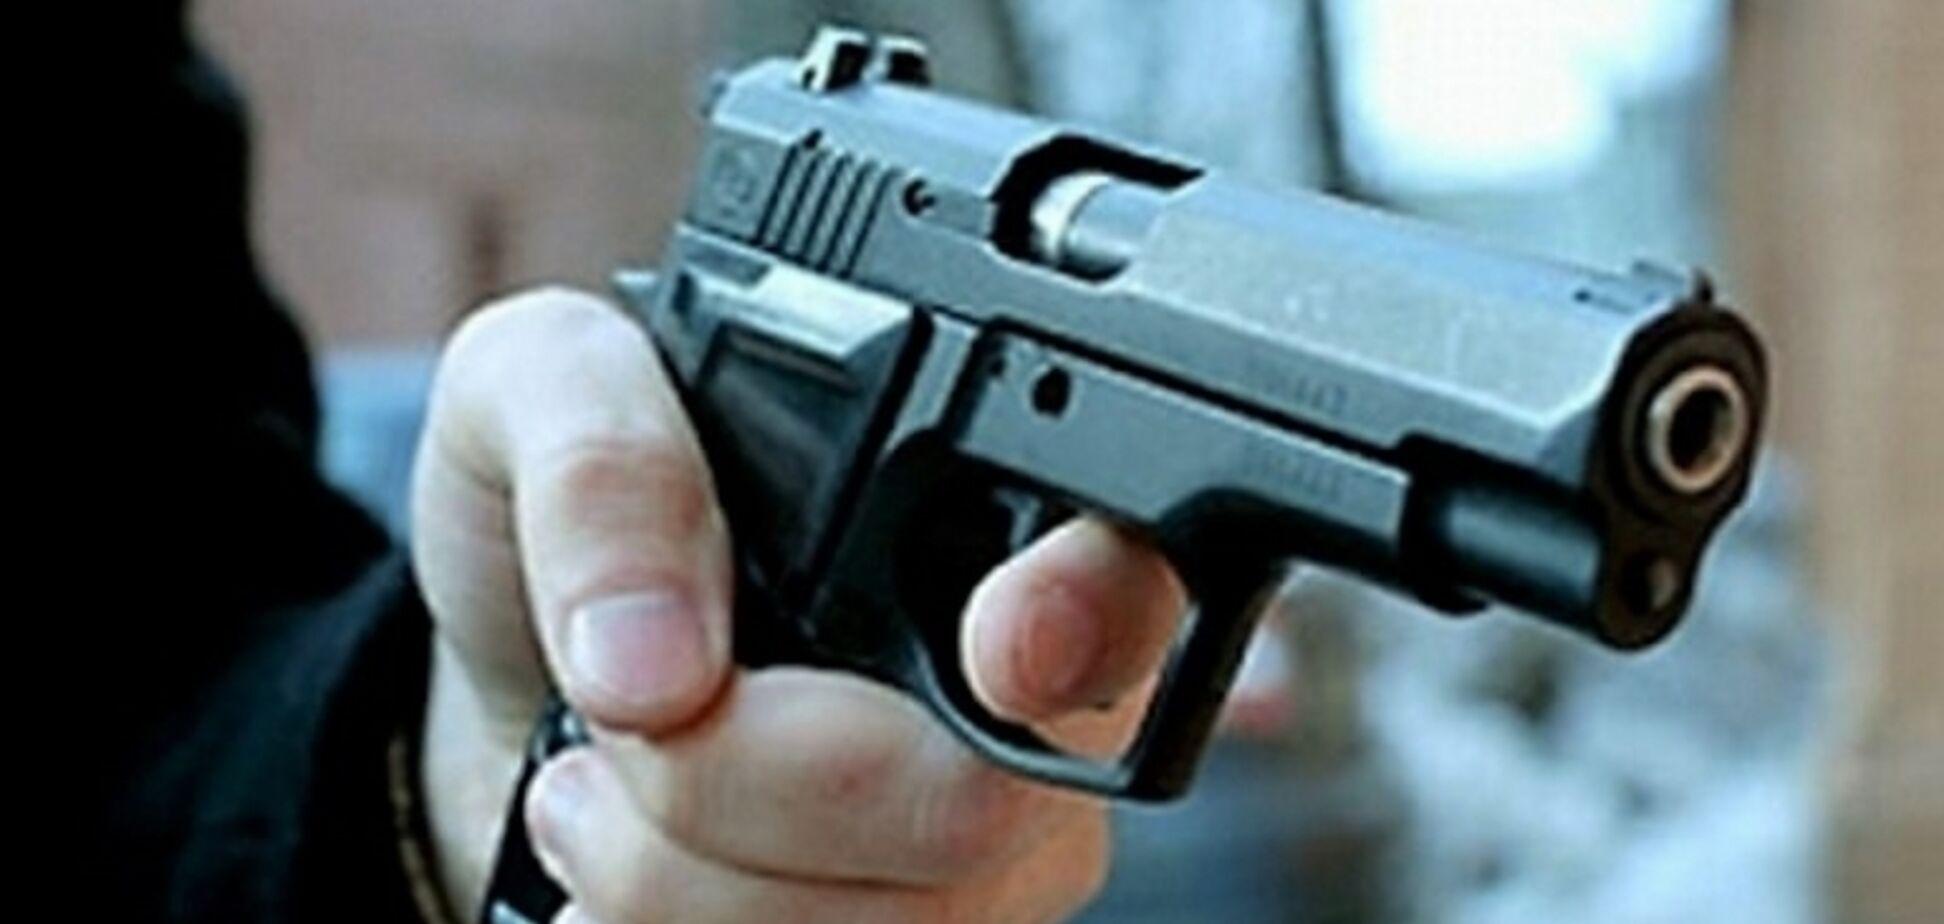 На Житомирщине полиция угодила в скандал со стрельбой: опубликовано видео